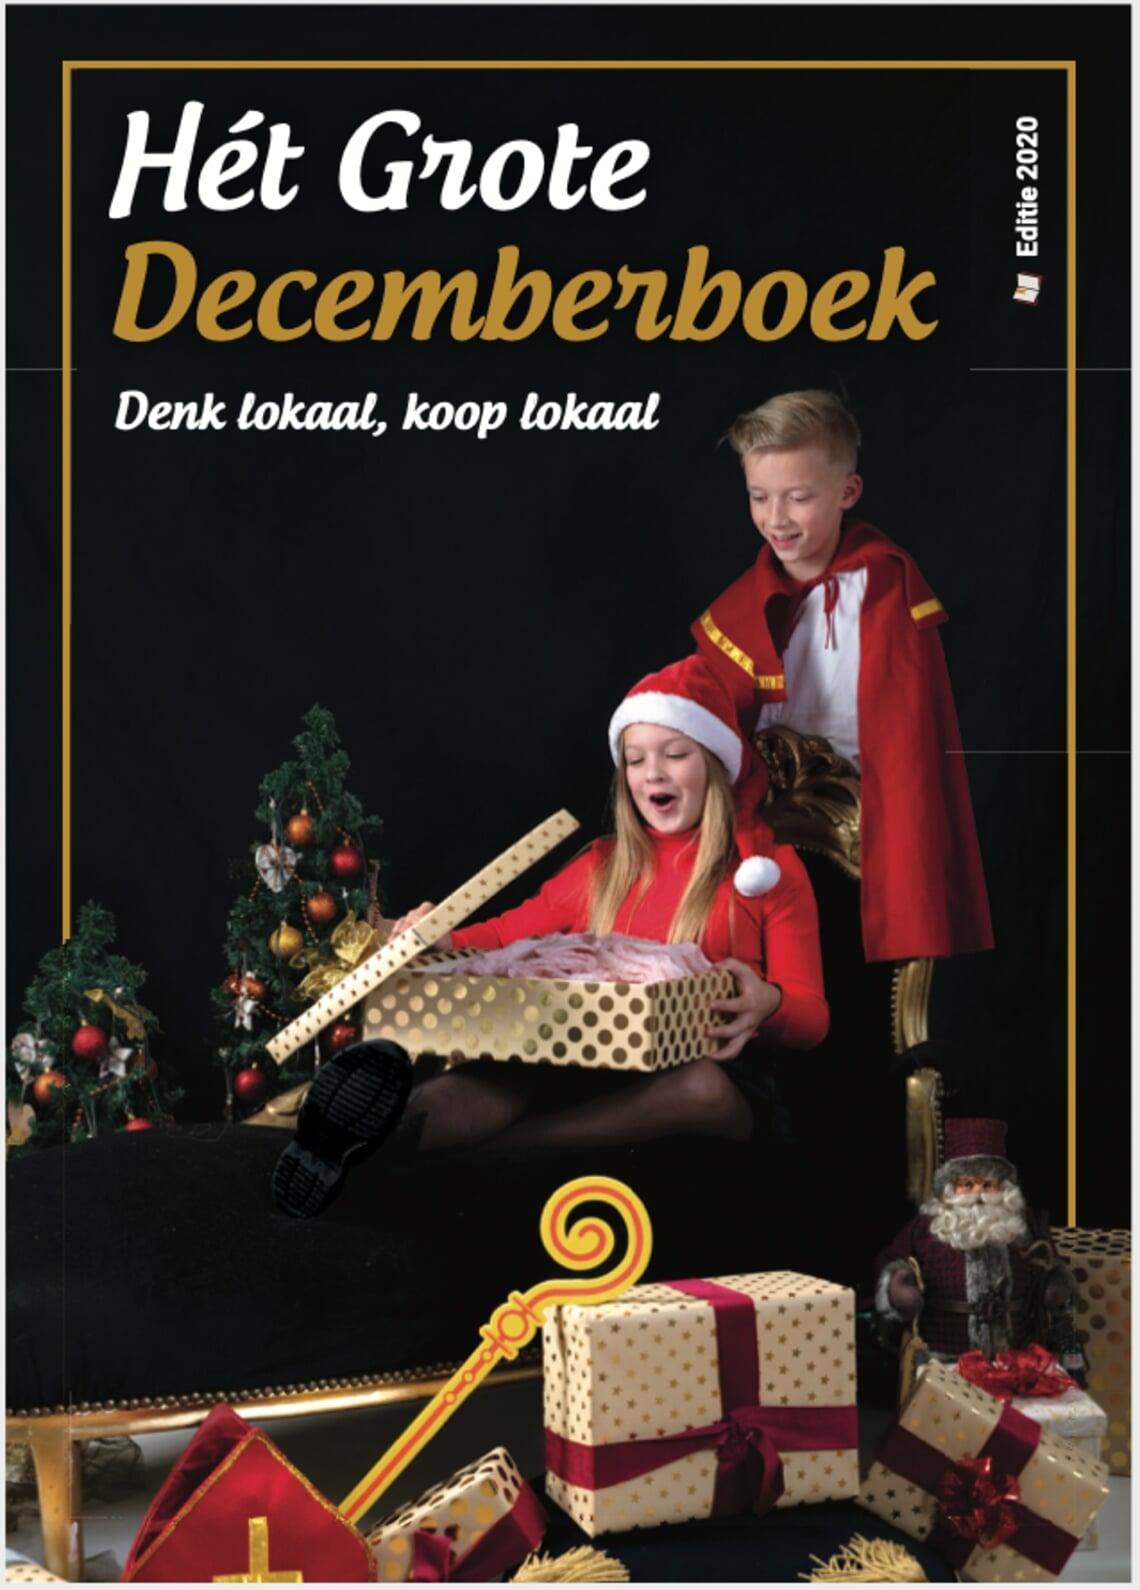 <p>De cover van H&eacute;t Grote Decemberboek 2020</p>